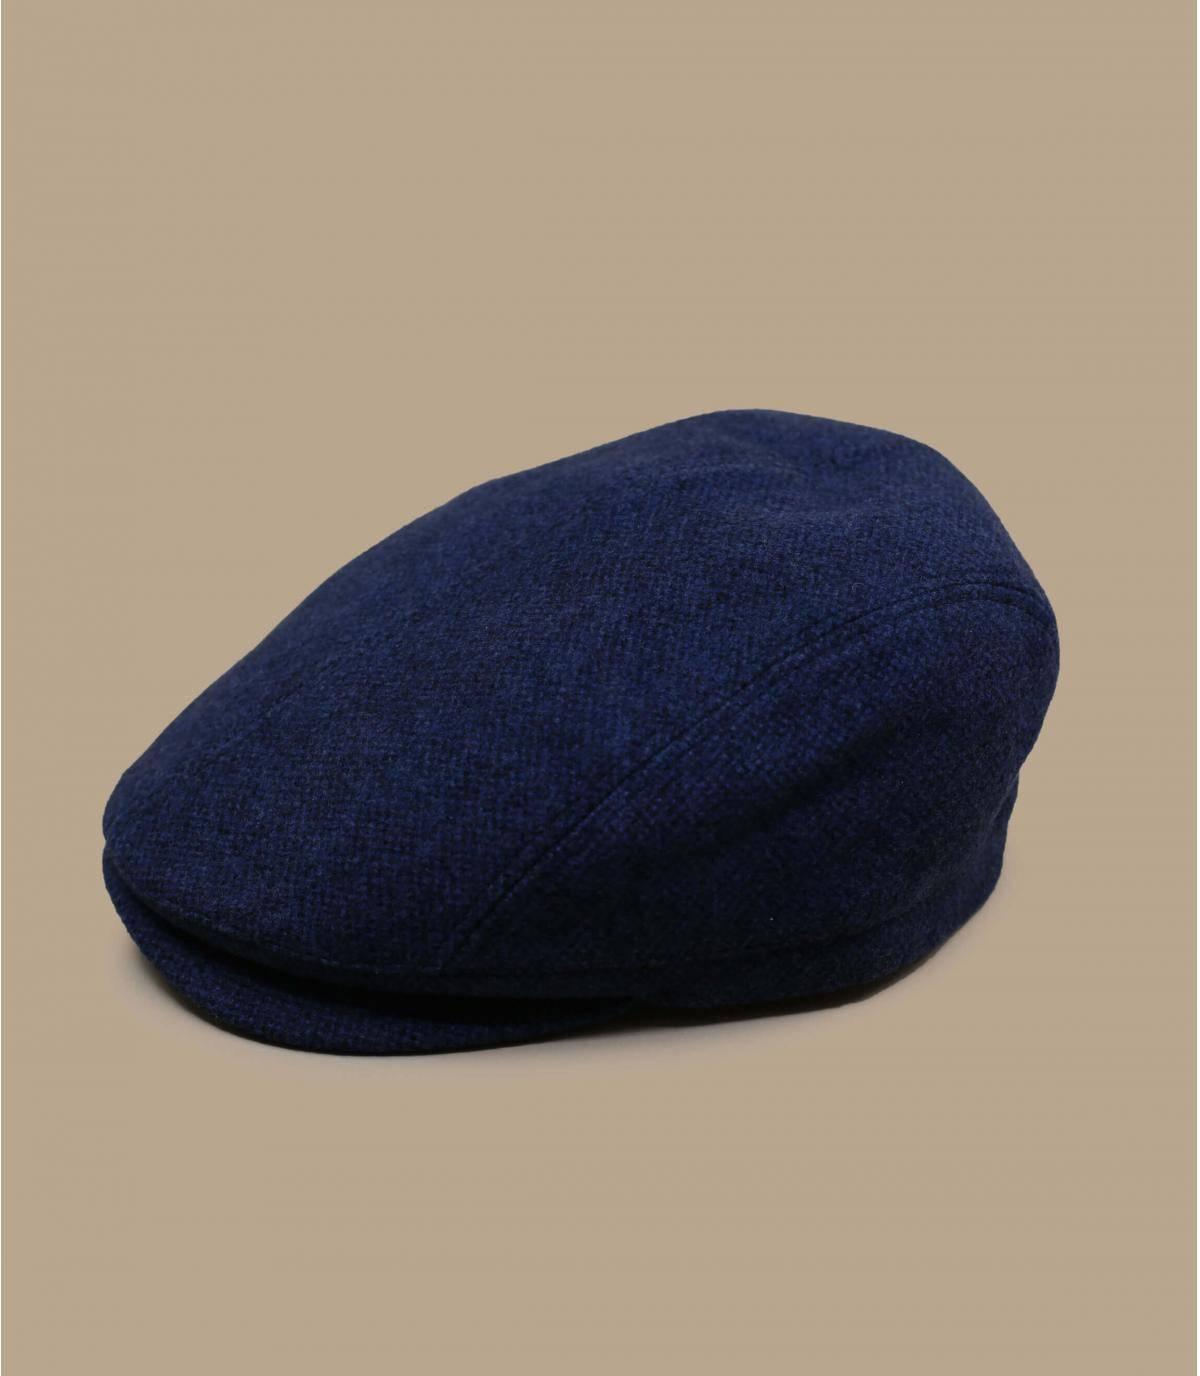 Schiebermütze blau Wolle